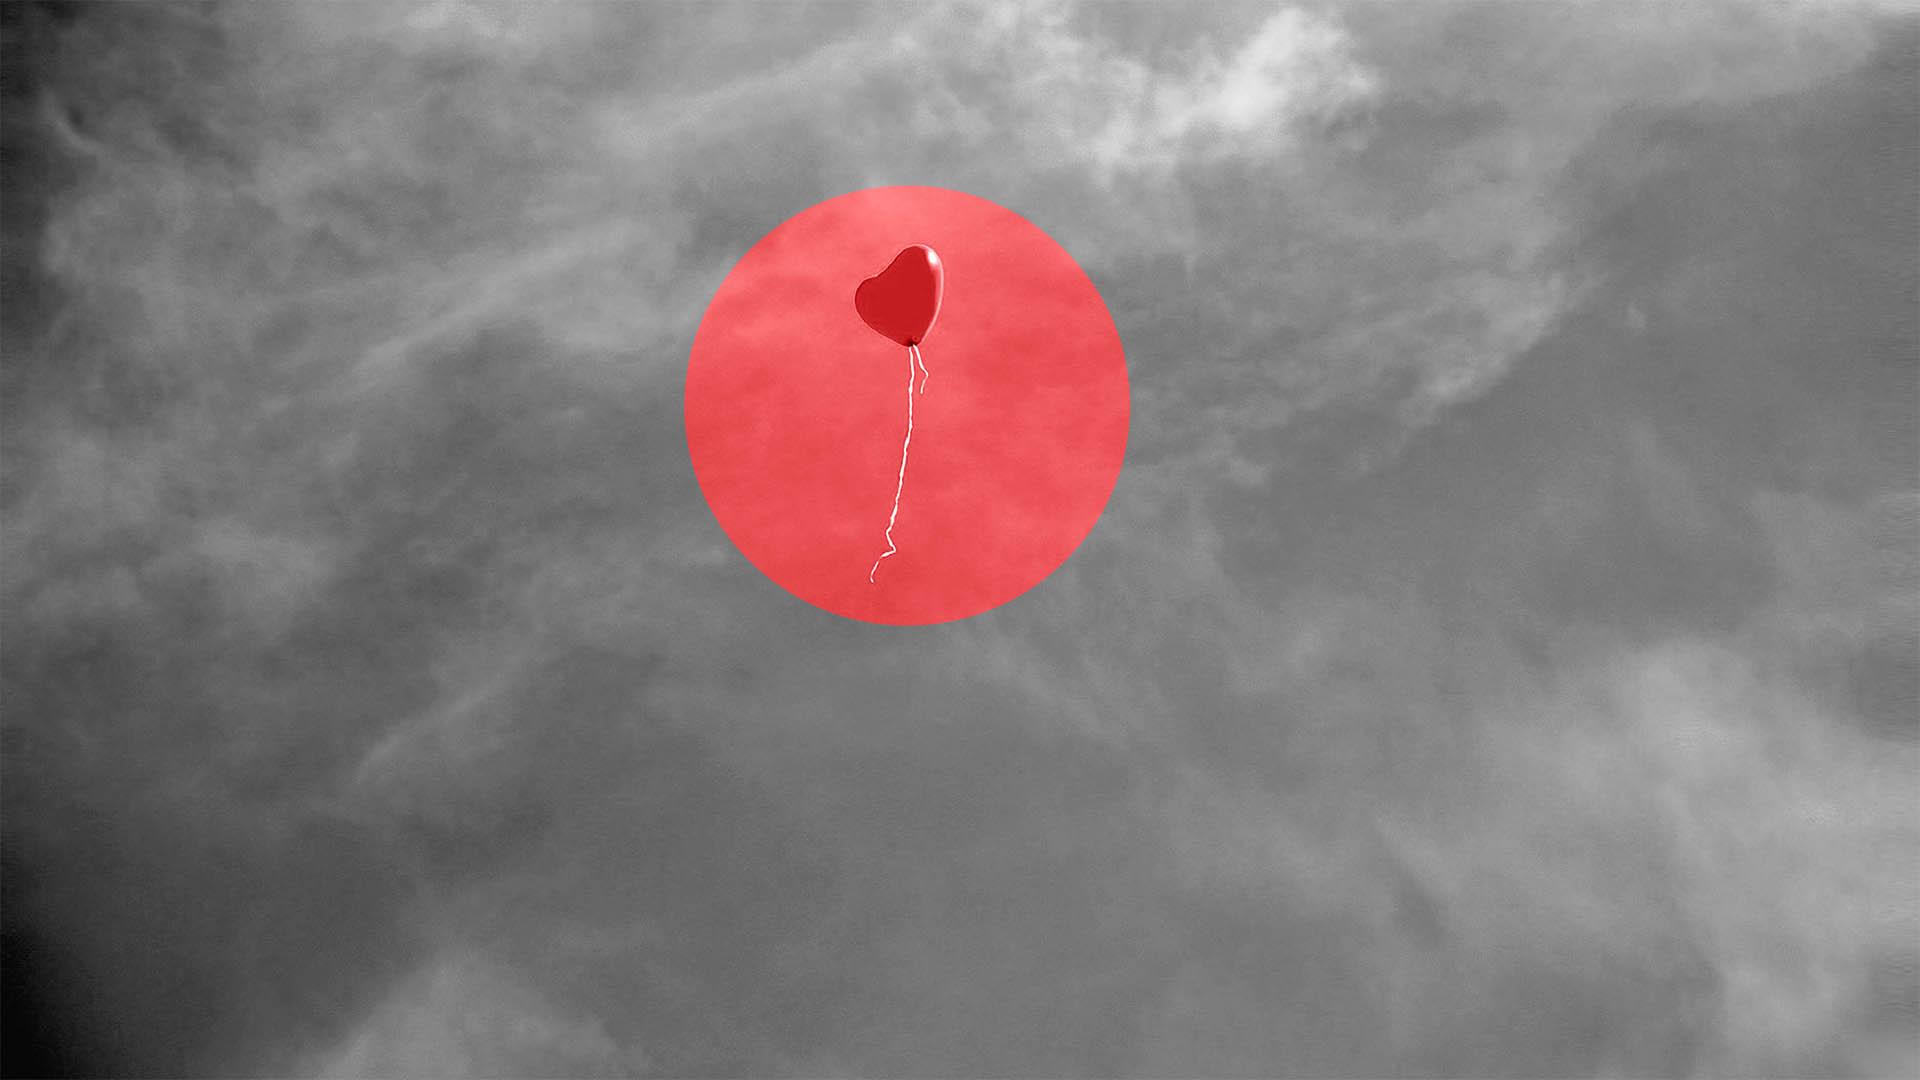 La era está pariendo un corazón, por  Julio Castillo Sagarzazu